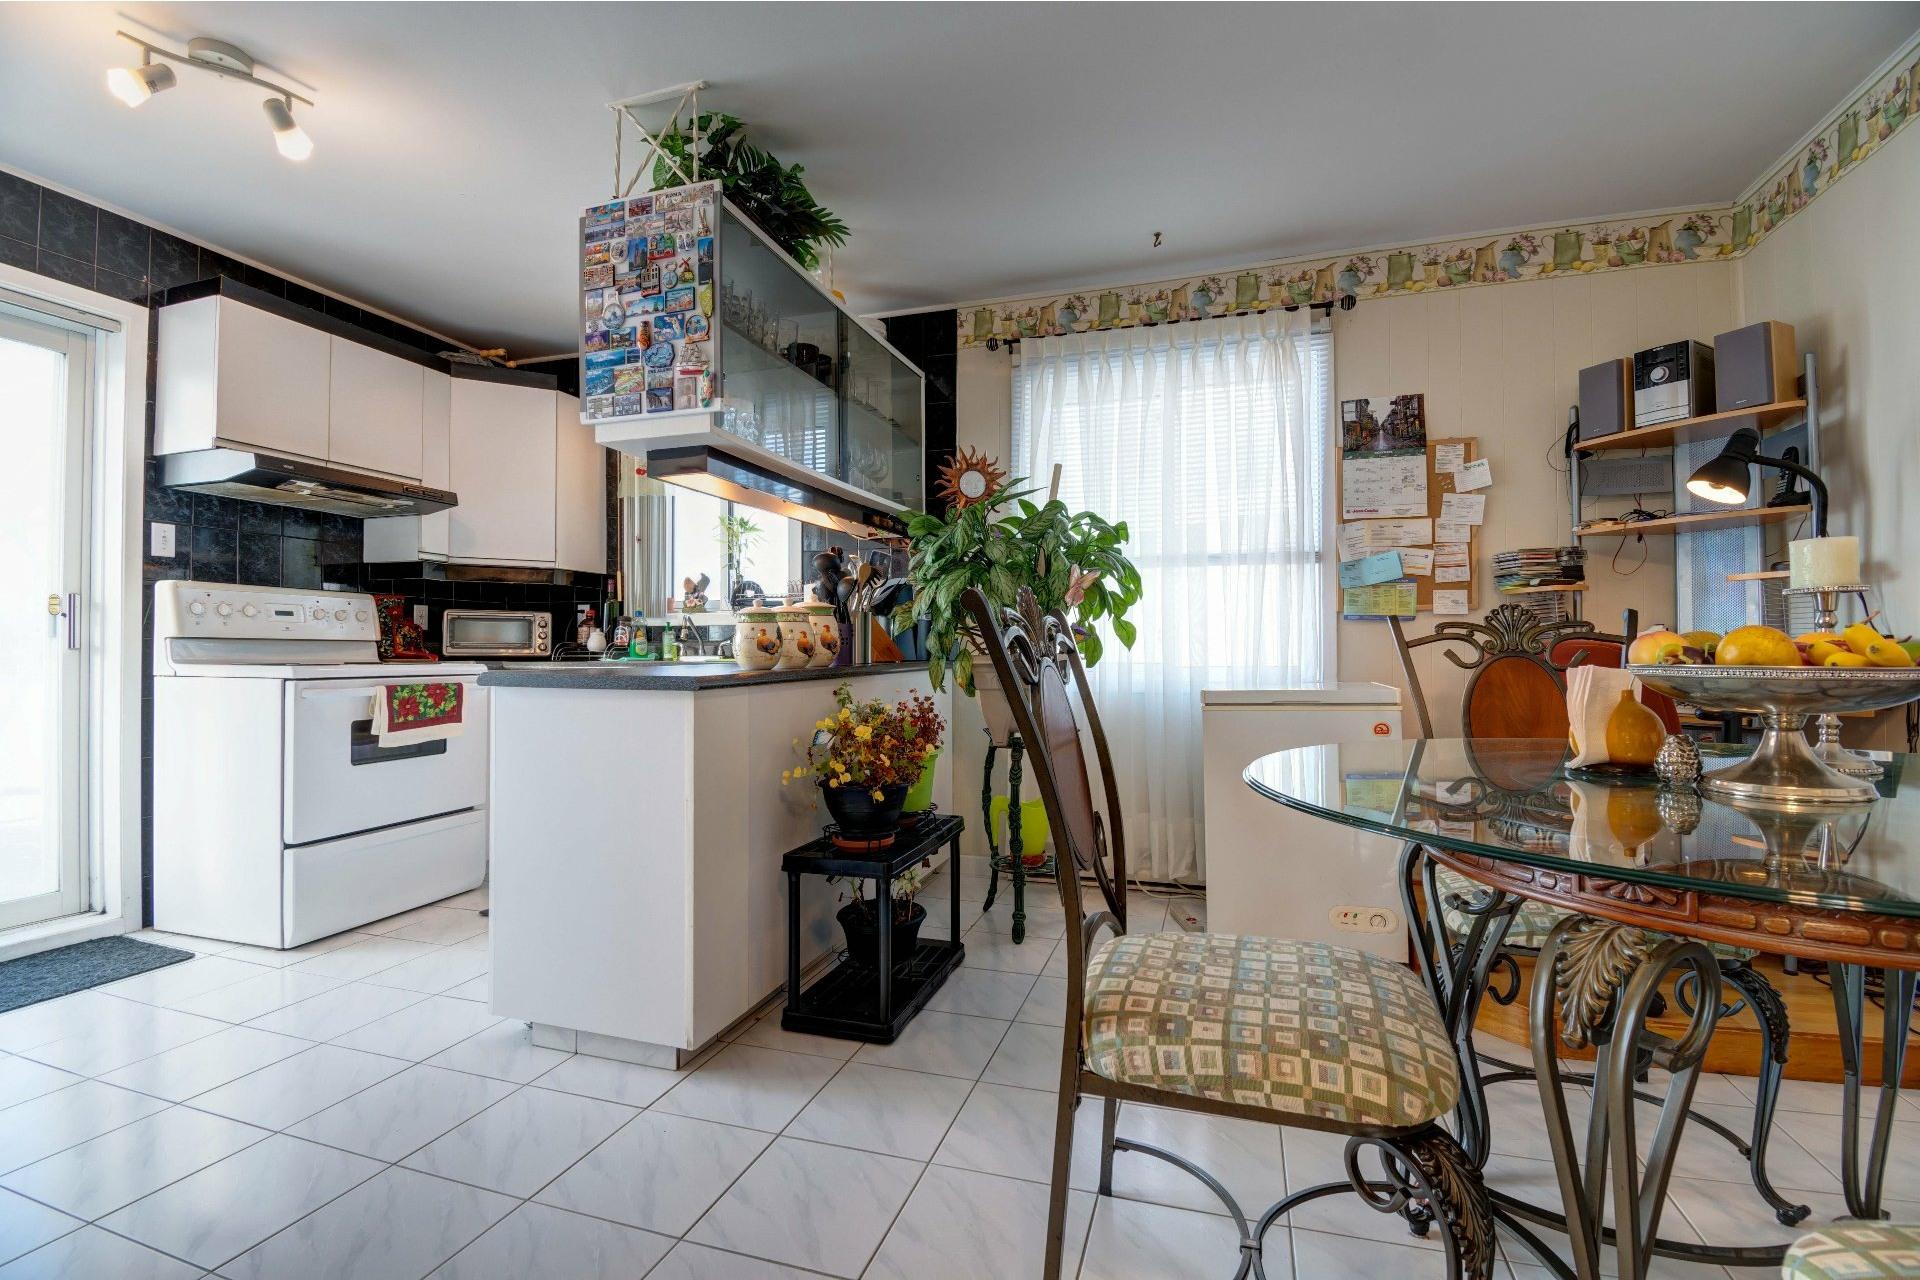 image 4 - Duplex À vendre Trois-Rivières - 6 pièces